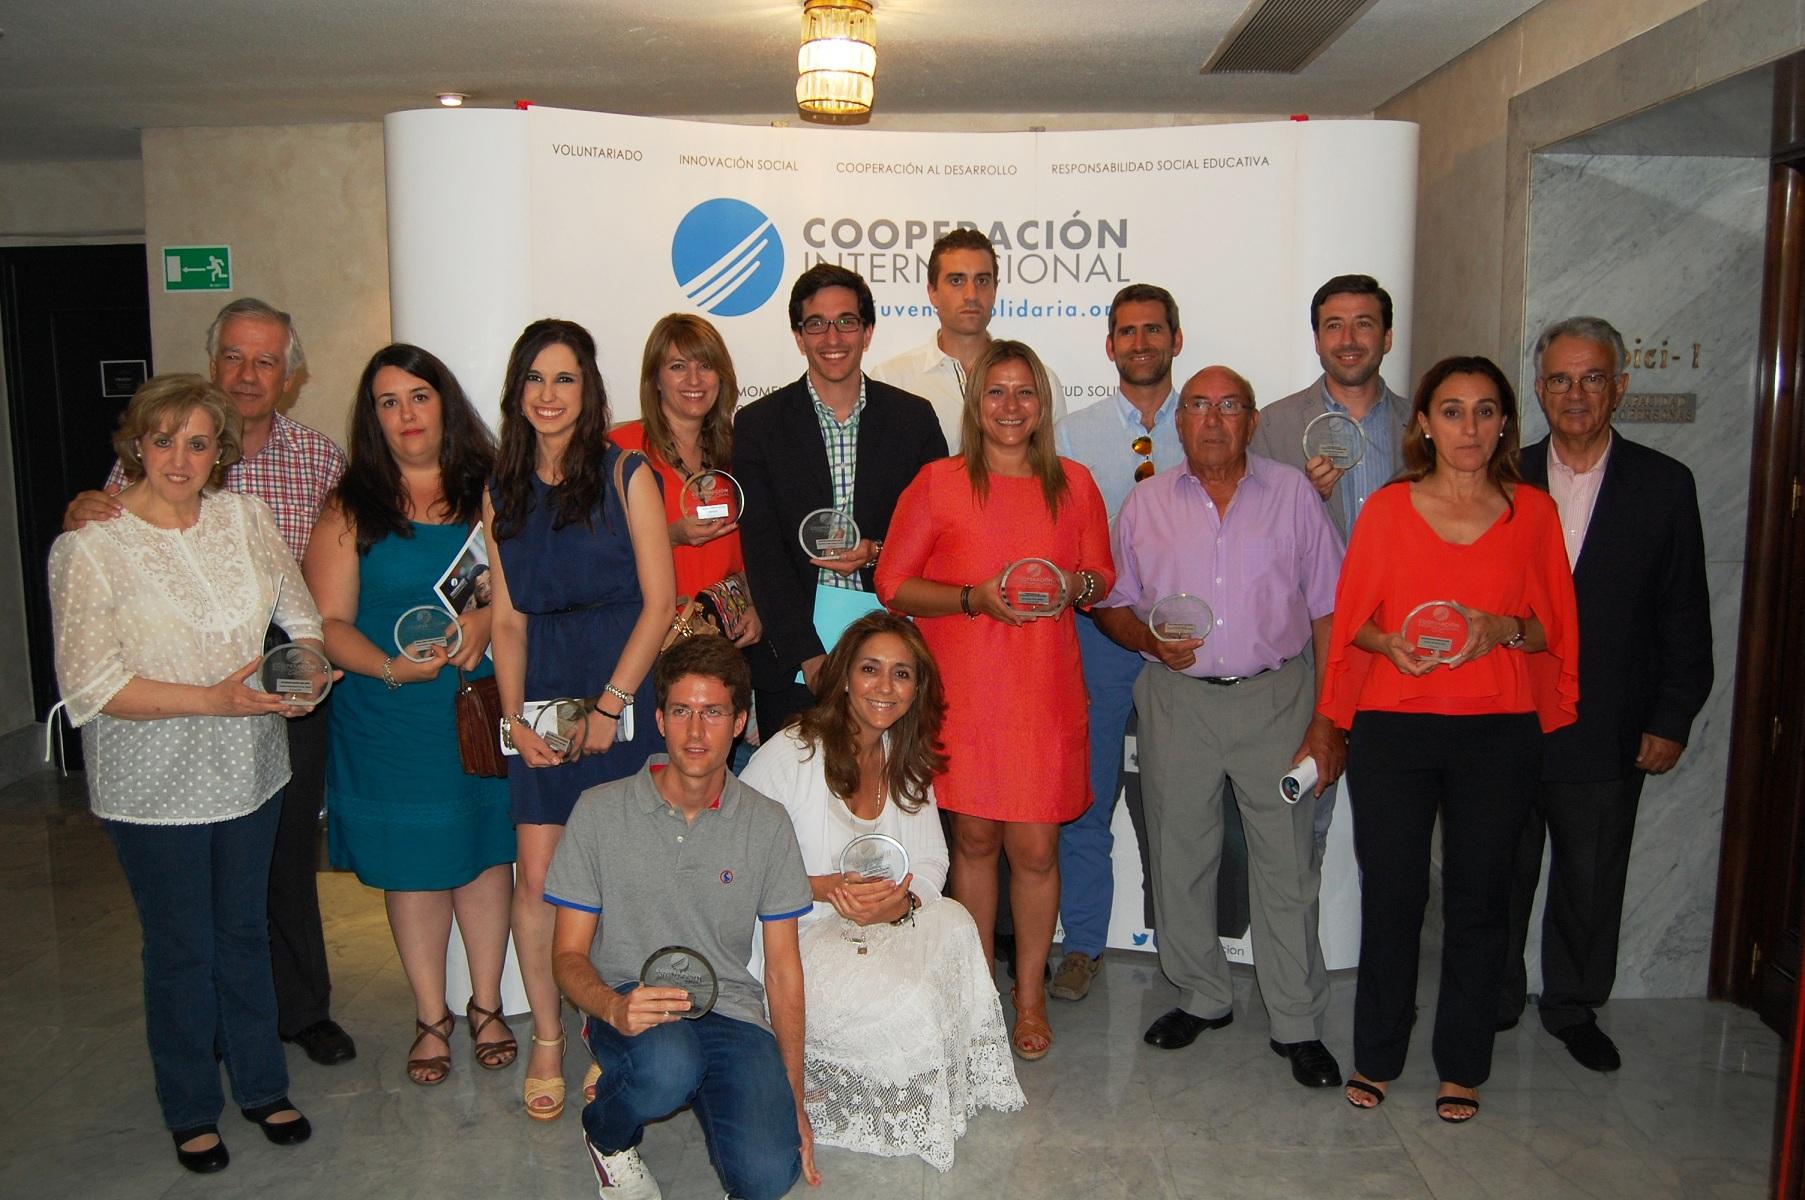 La ONG Cooperación Internacional concede al Colegio Mayor La Estila el premio a la agrupación territorial más solidaria de 2015